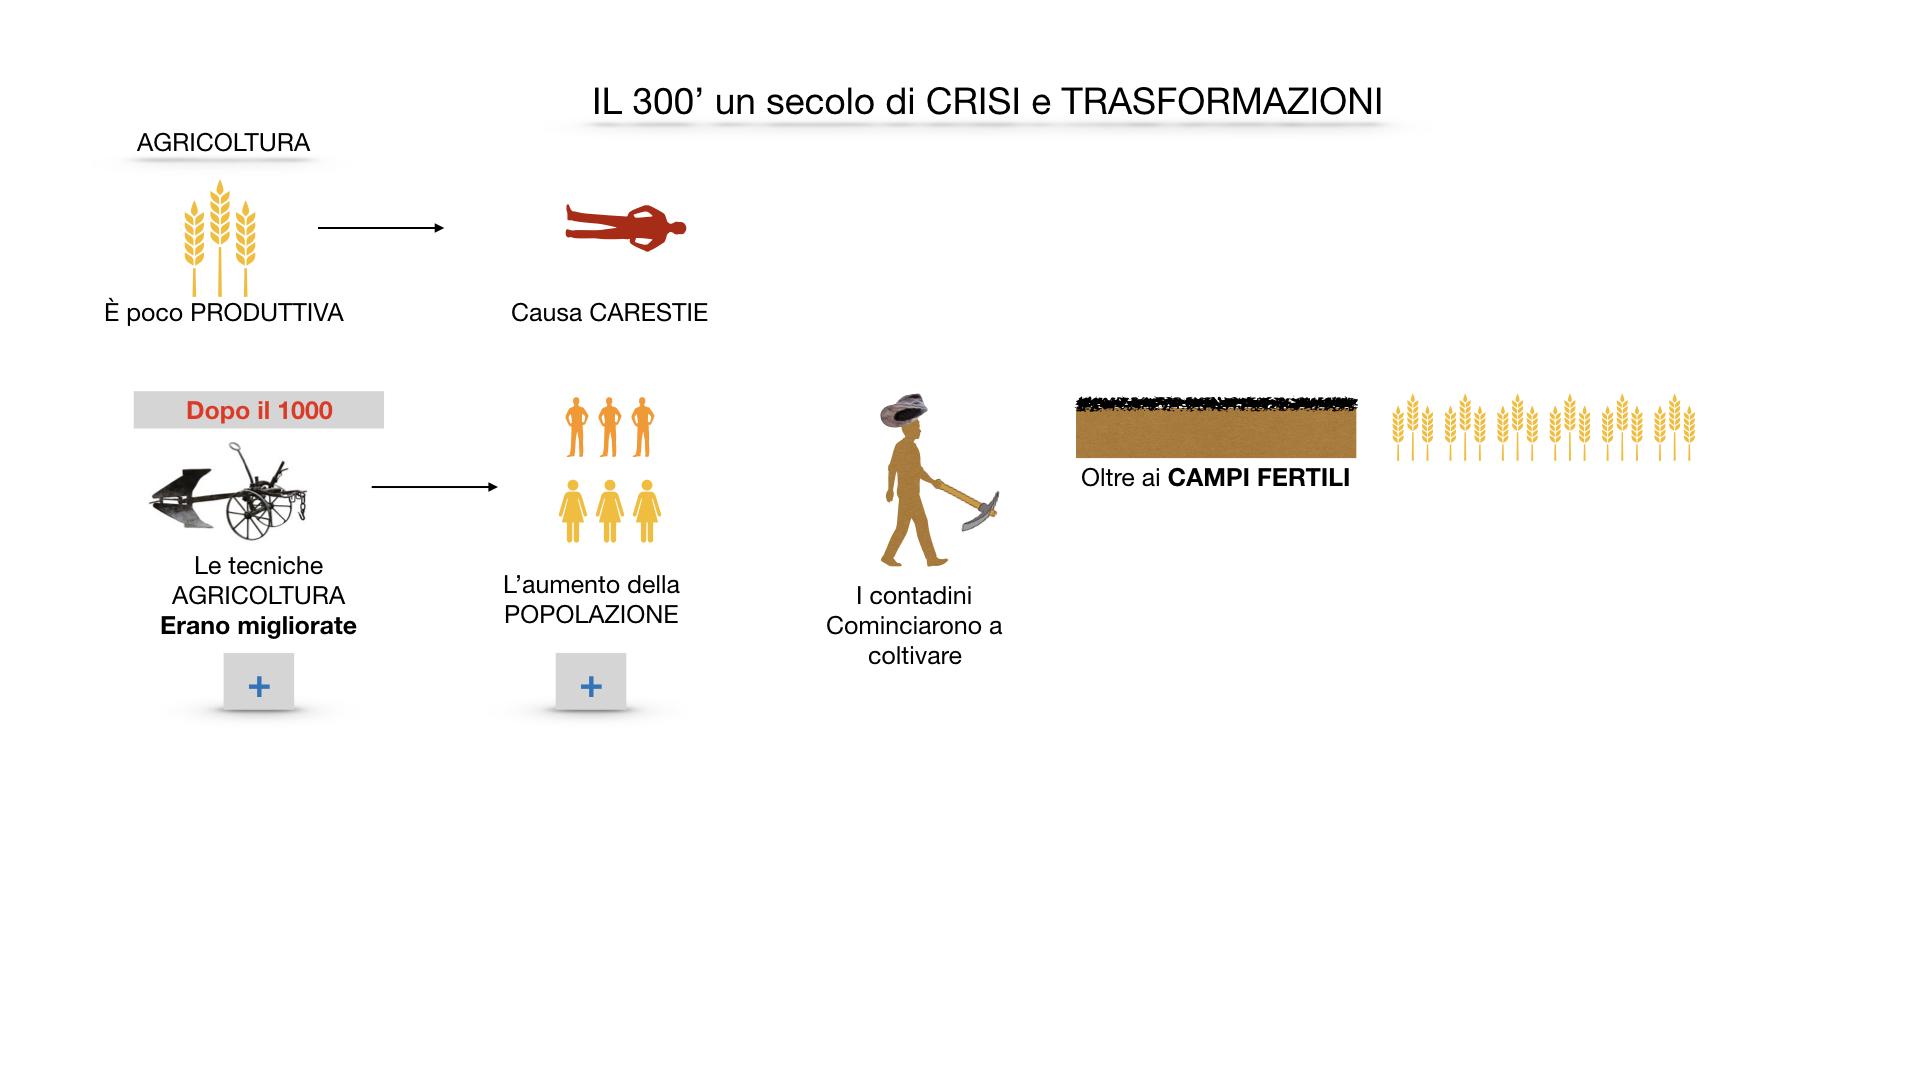 il 300 crisi e trasformazioni_ SIMULAZIONE.009